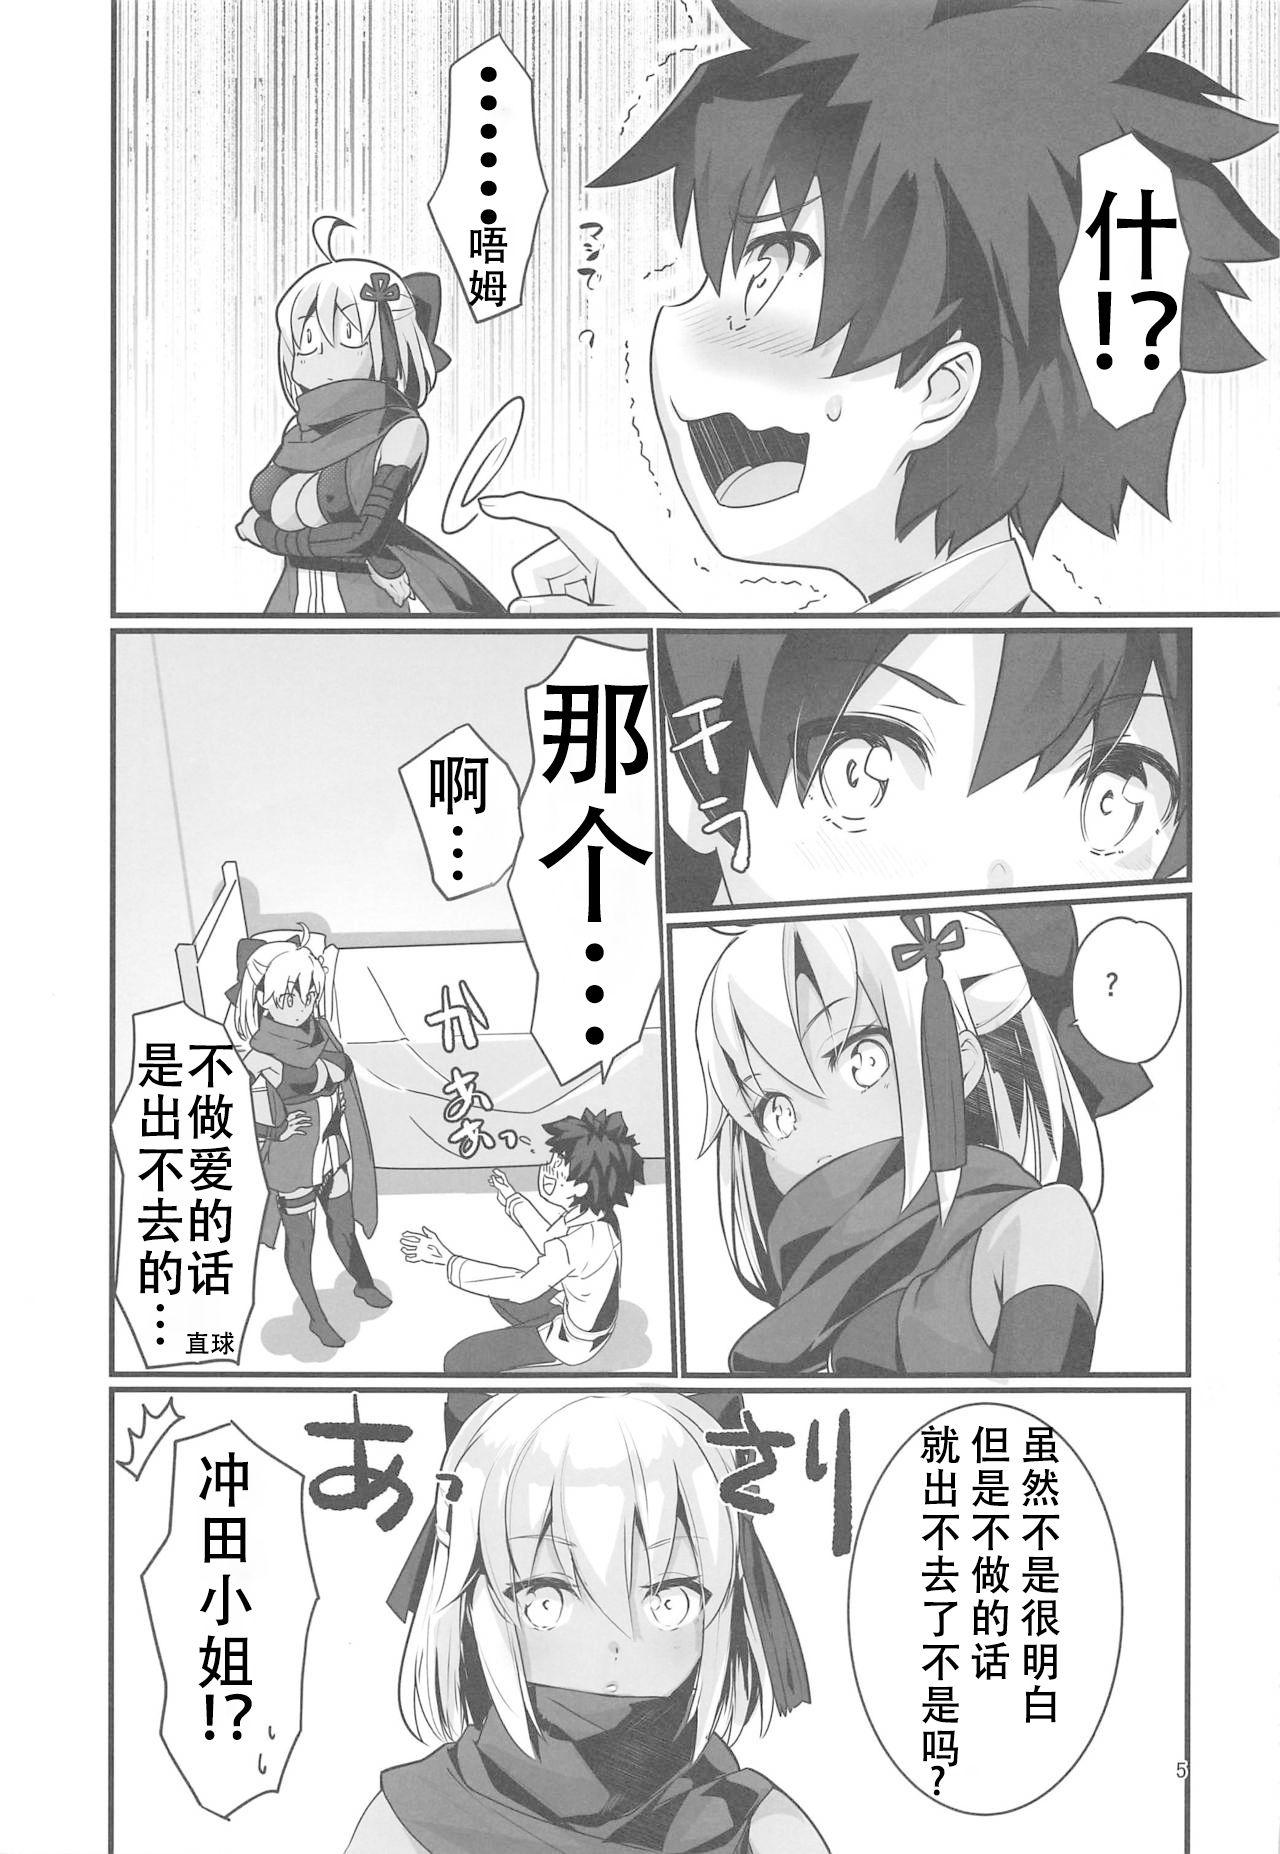 Okita Alter-chan to Nyan Nyan shitai dake no Hanashi. 4